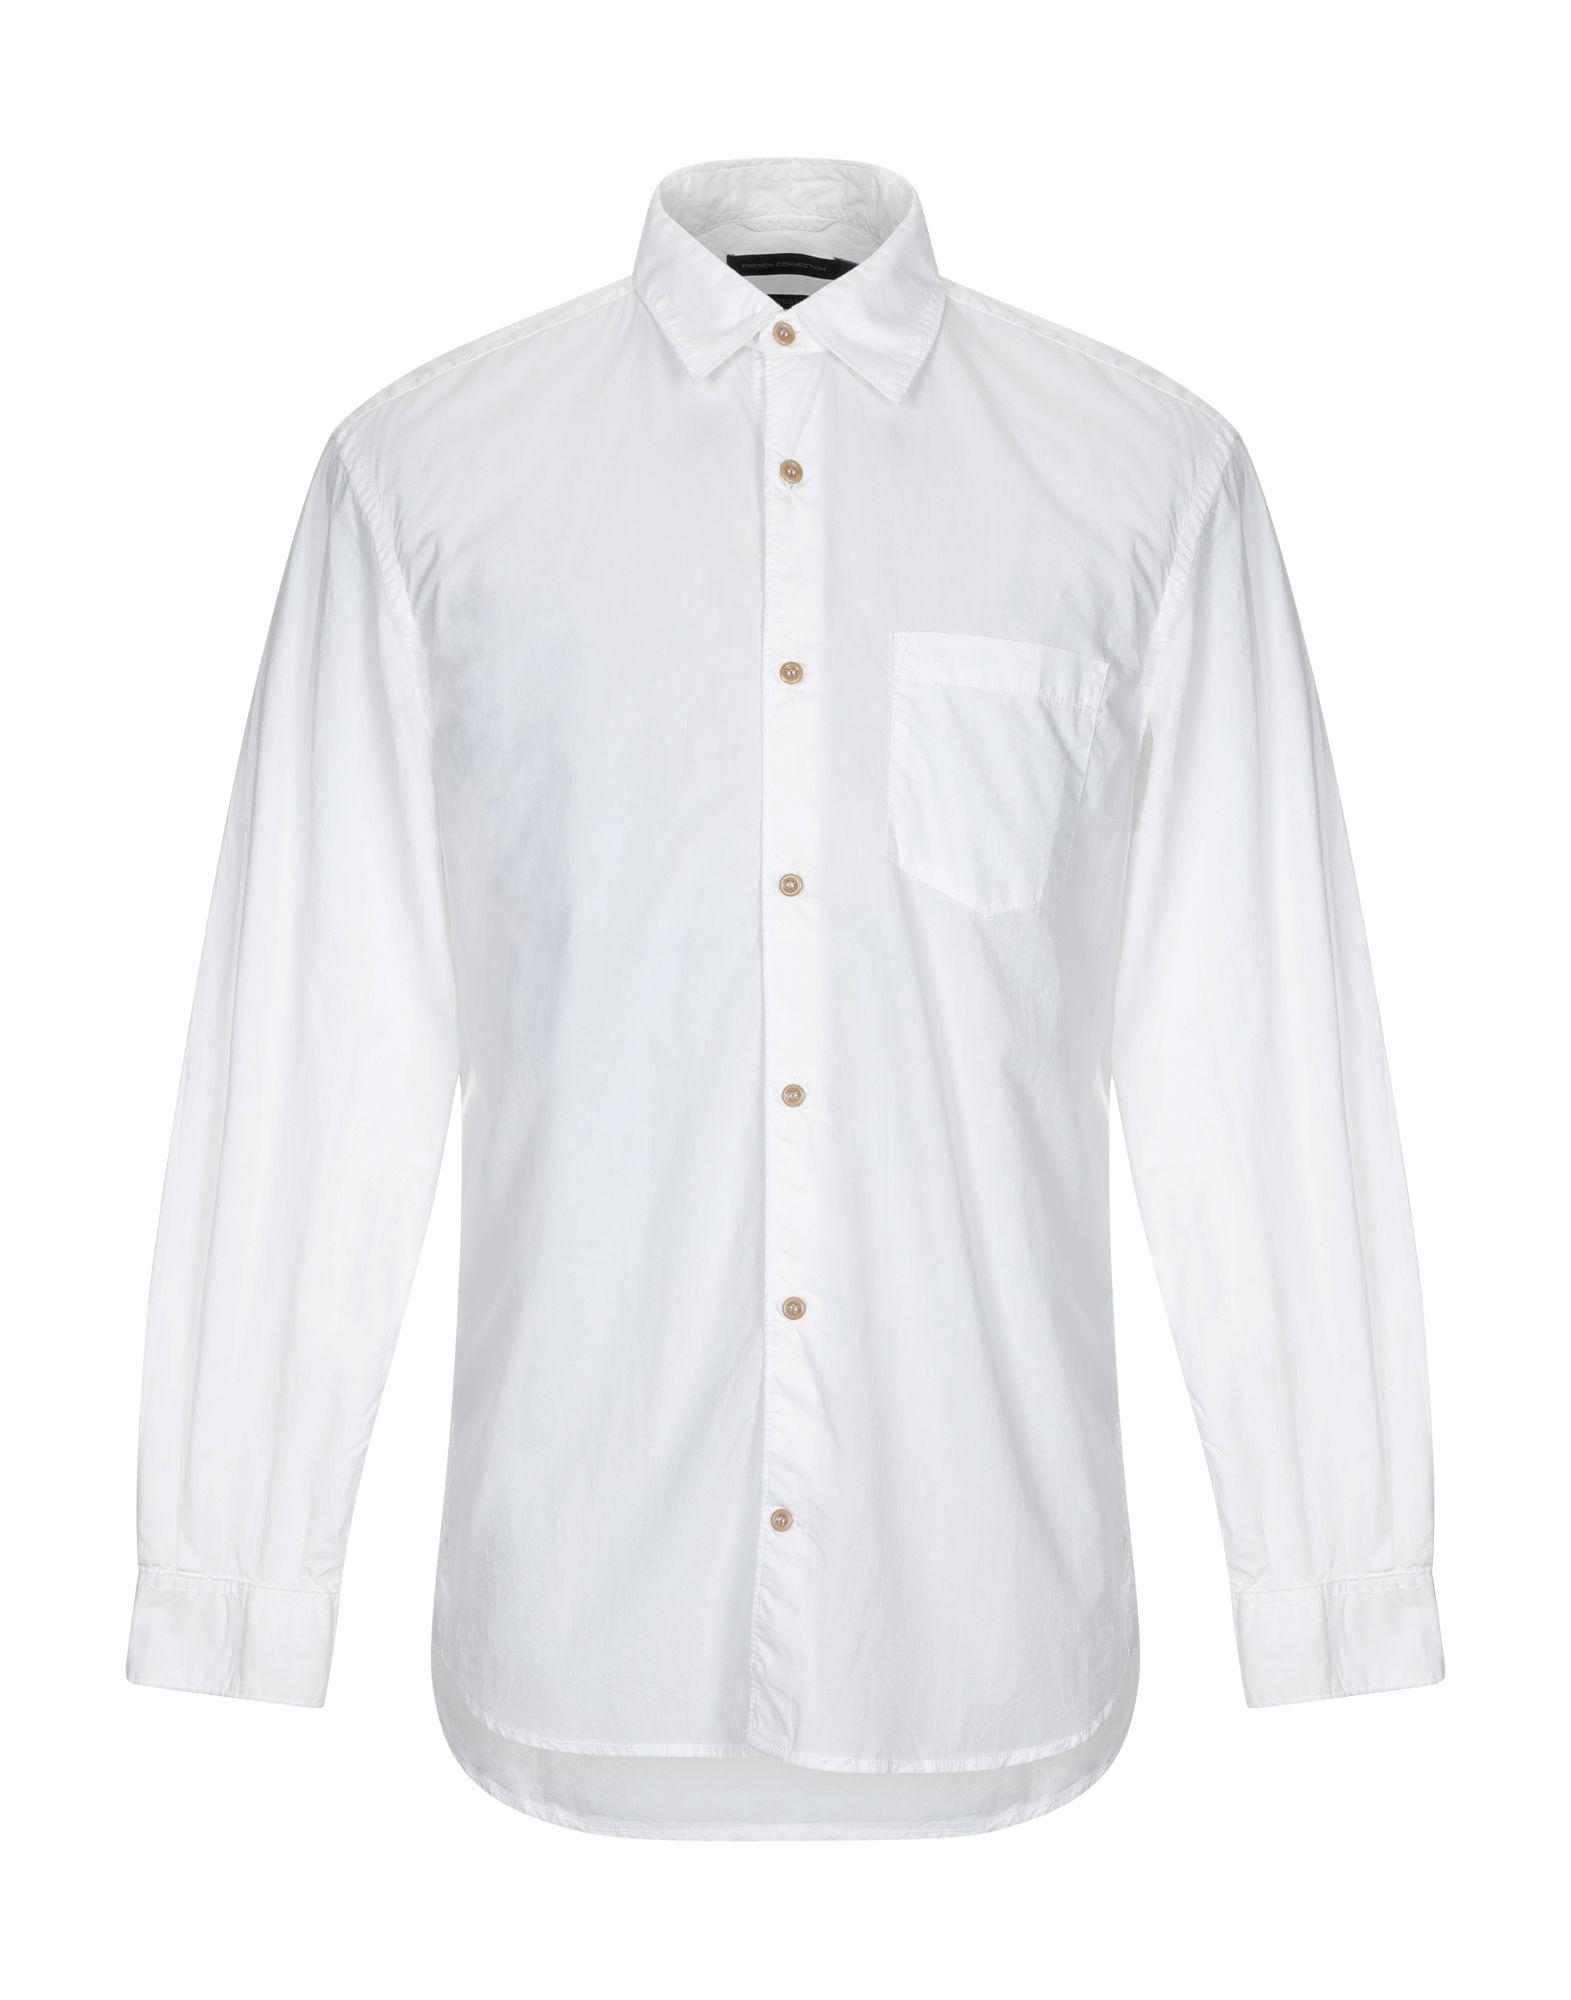 《セール開催中》FRENCH CONNECTION メンズ シャツ ホワイト M コットン 100%